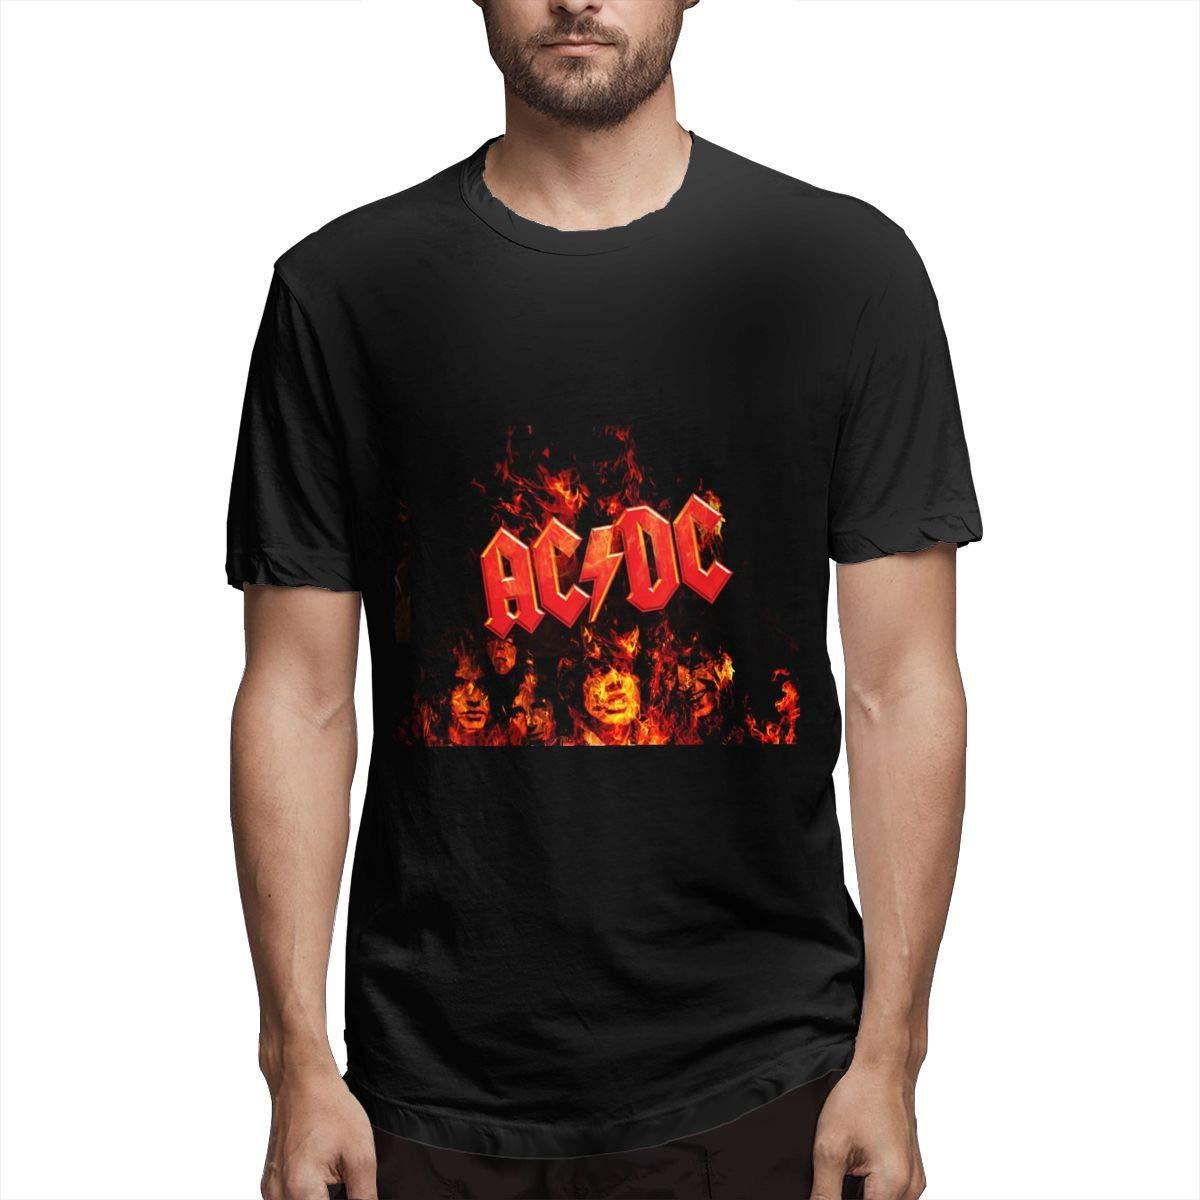 Lihehen S Ac Dc Round Neck Shirts